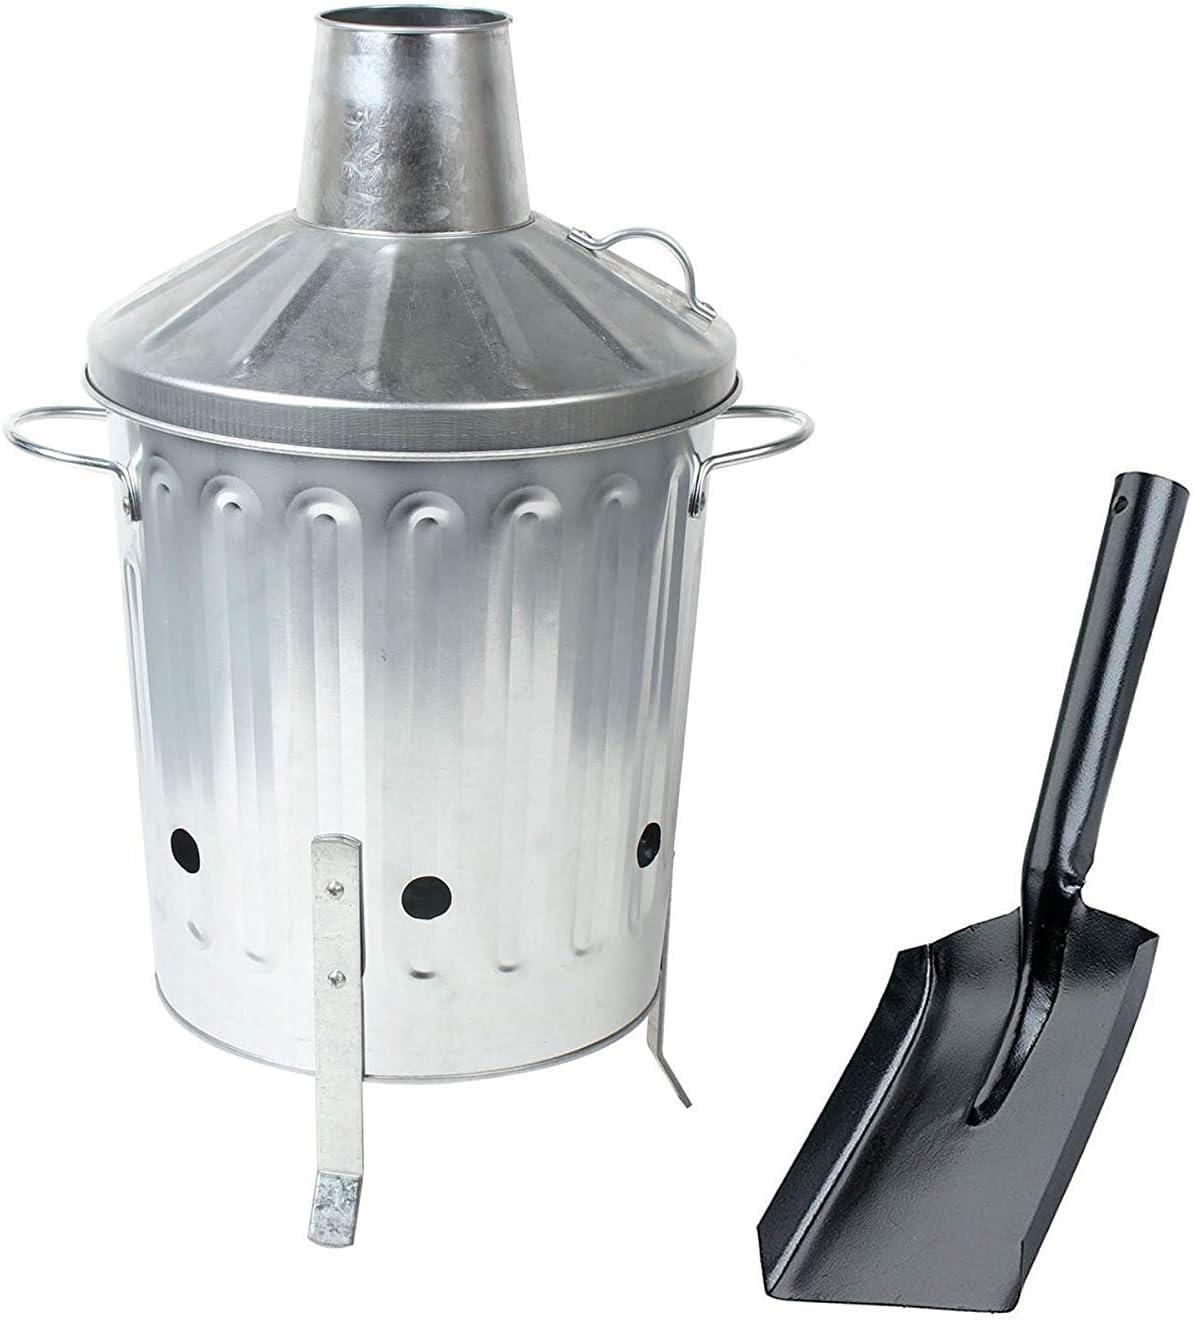 CrazyGadget® 15L 15 litros Metal galvanizado incinerador Mini jardín Fire Bin & cenizas pala para grabación de madera, hojas, papel etc: Amazon.es: Hogar